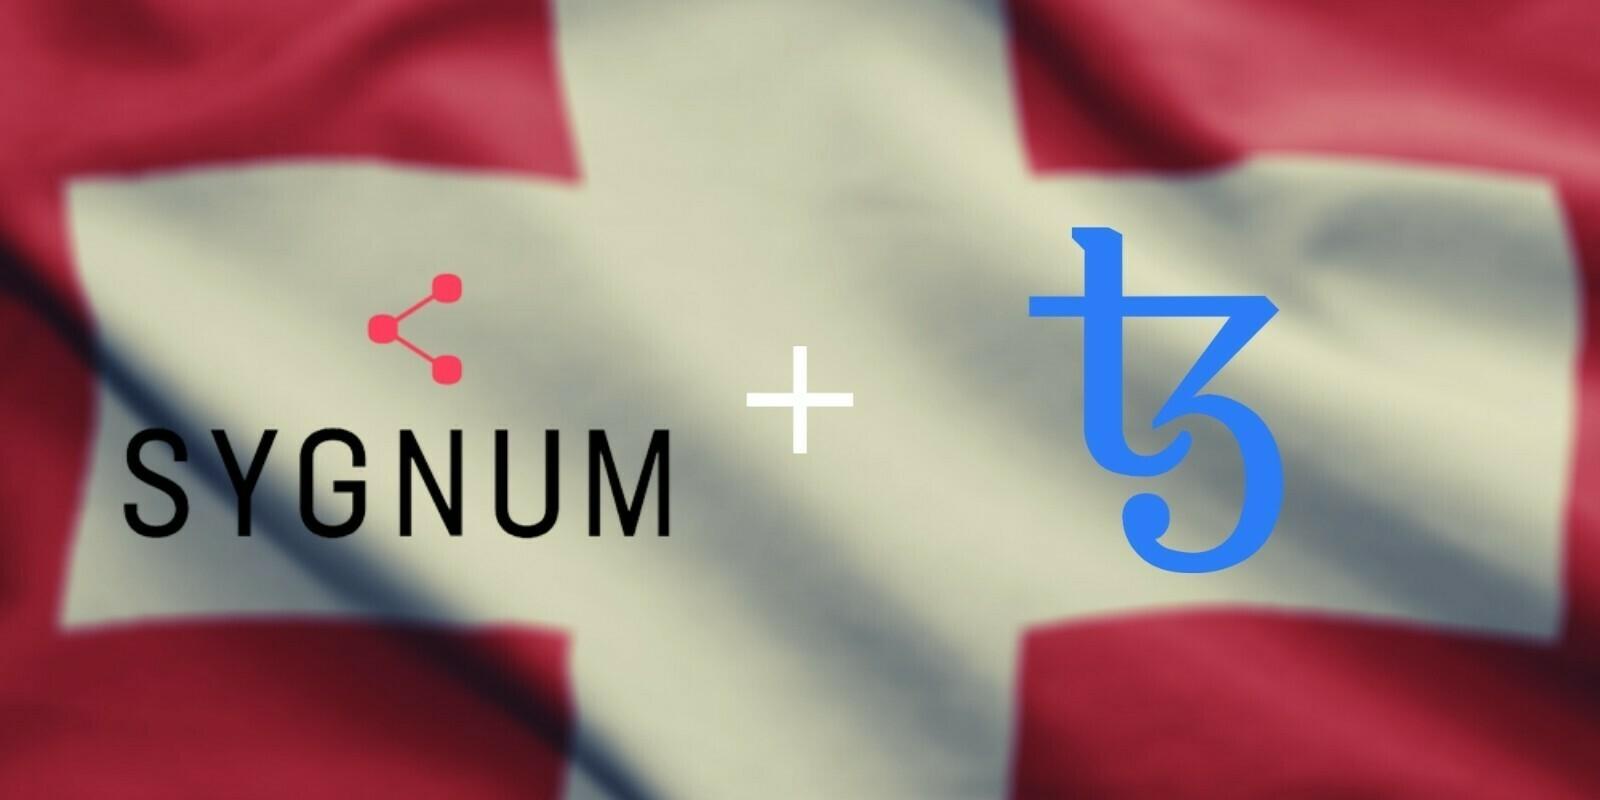 Suisse - La crypto-banque Sygnum introduit le staking de Tezos (XTZ) à ses clients